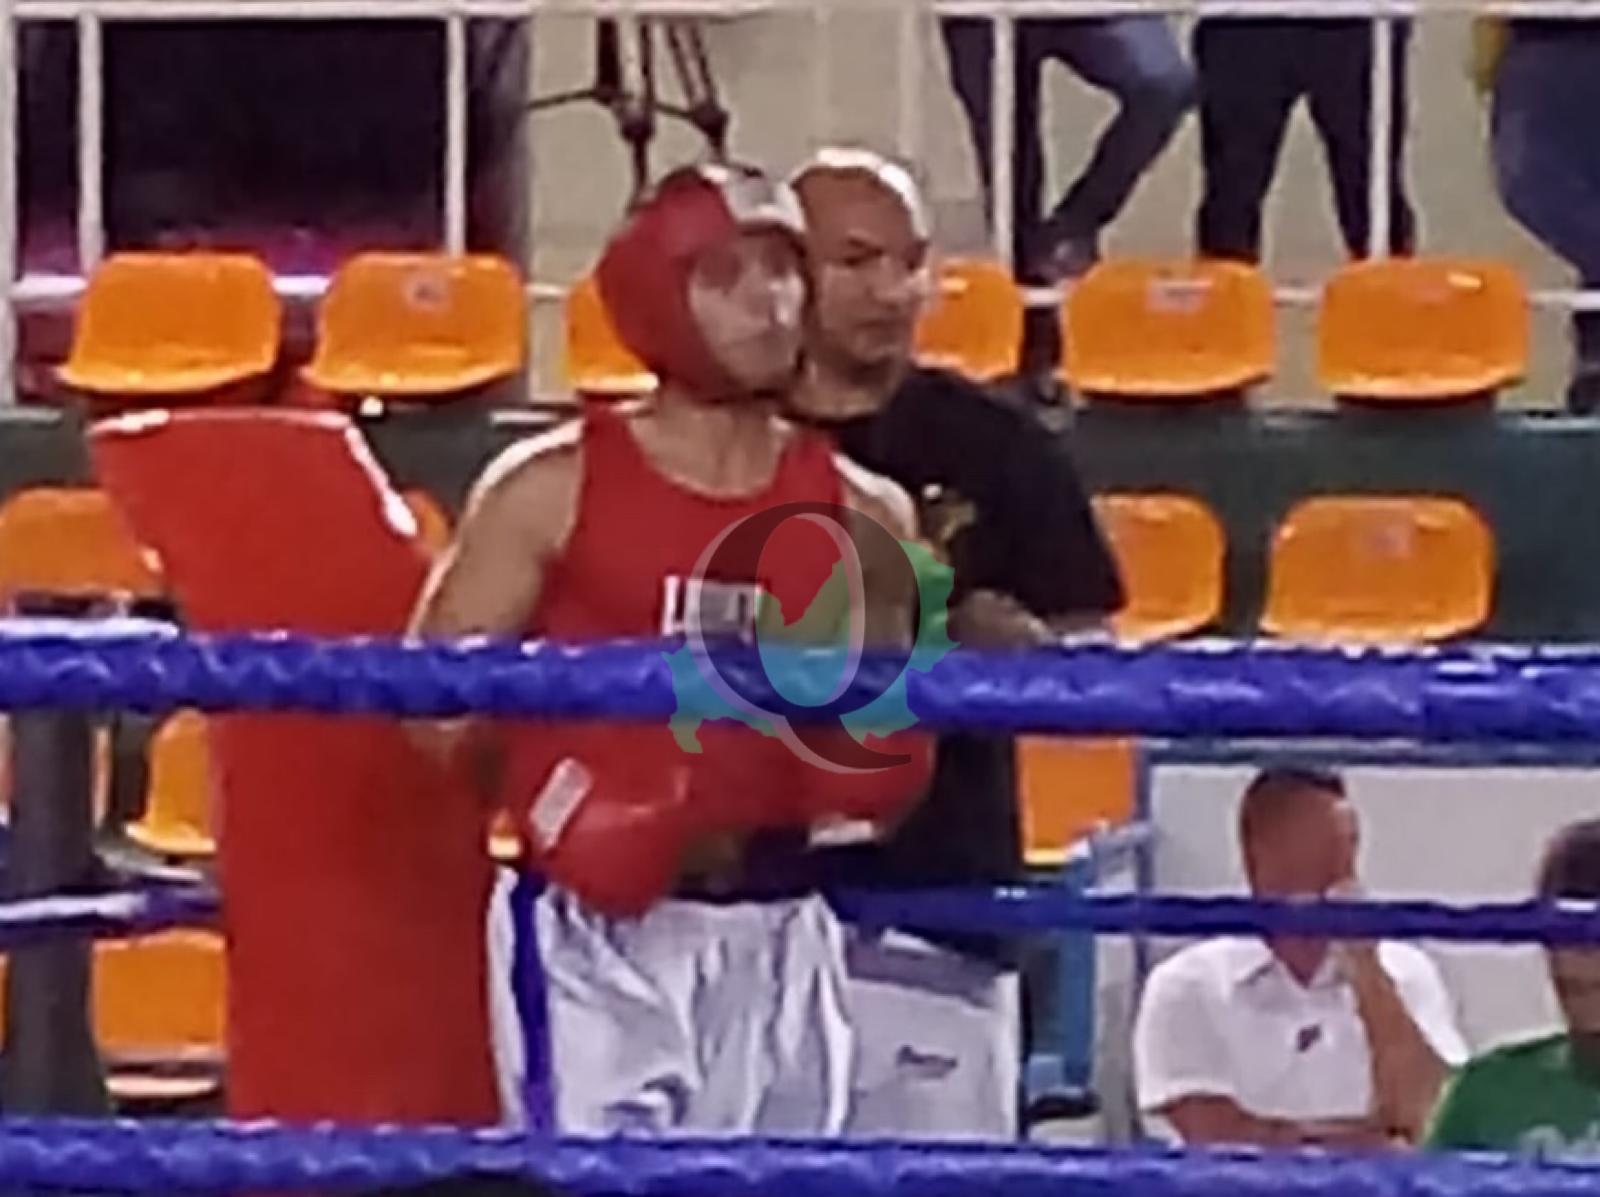 Boxe, vittoria netta di Colangelo della M.G. Boxe